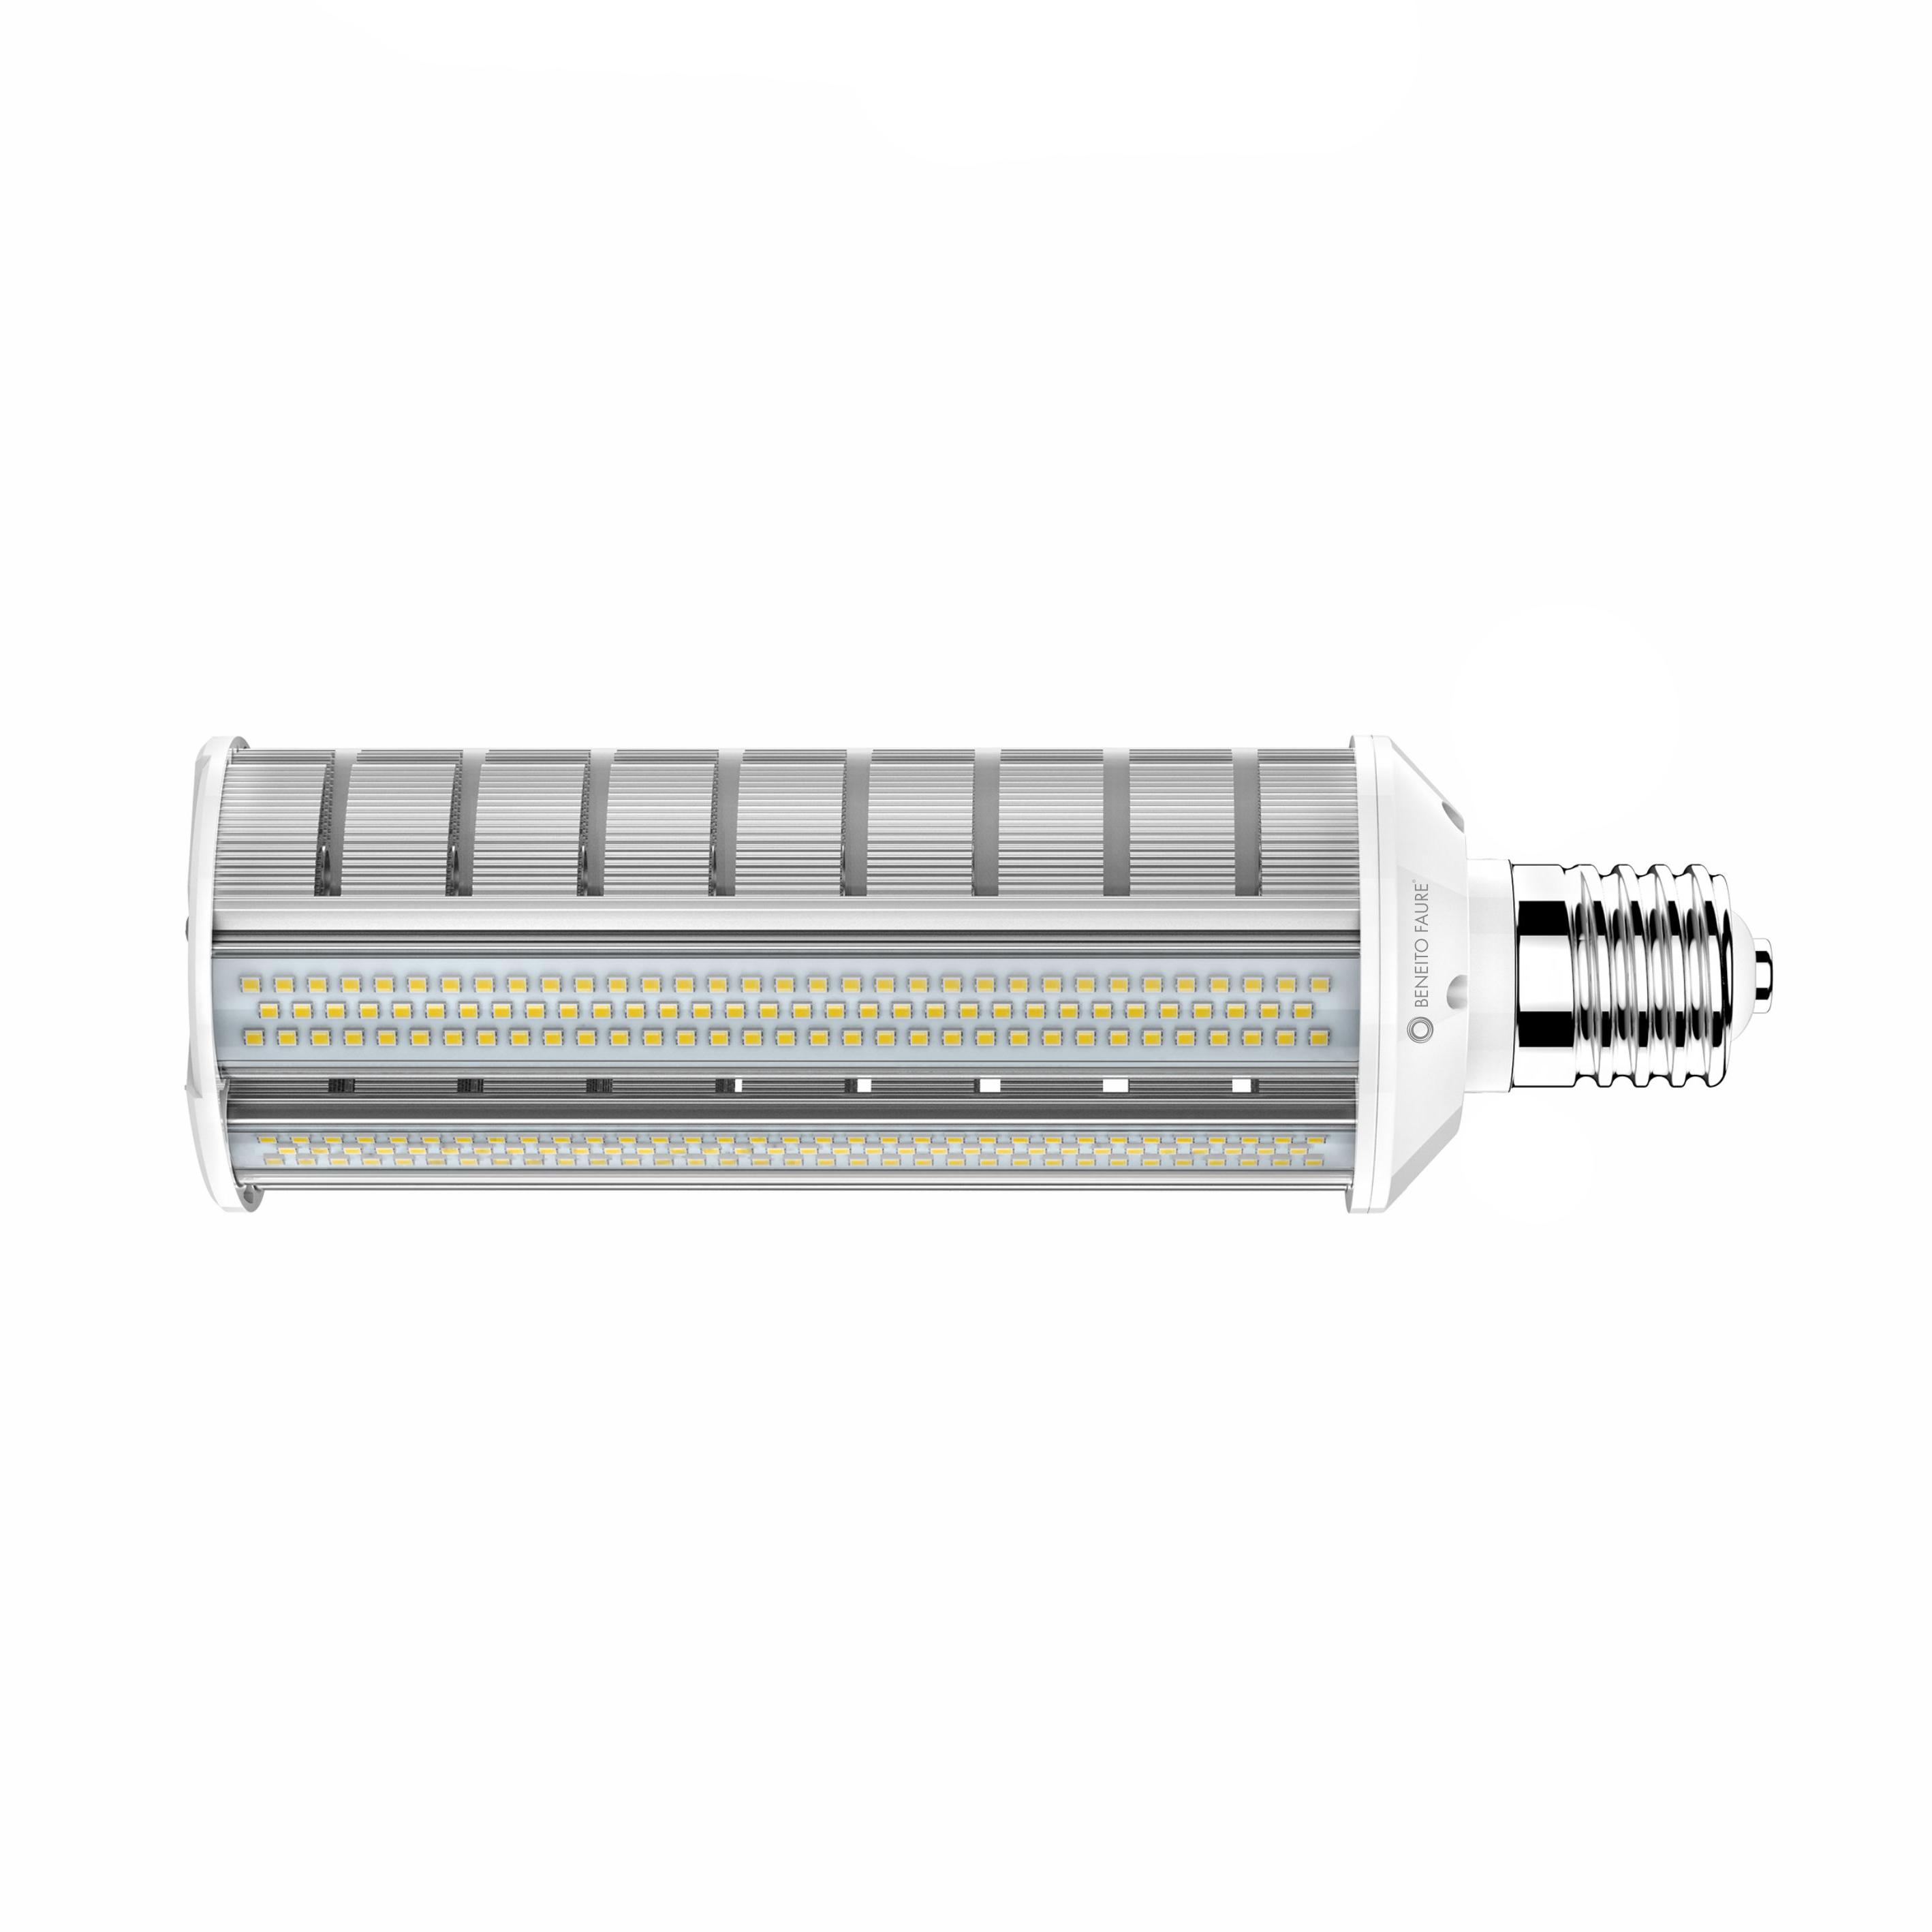 E40 Watt Publics Ampoule Eclairages Connectiled Smile 60 c4ALq53Rj